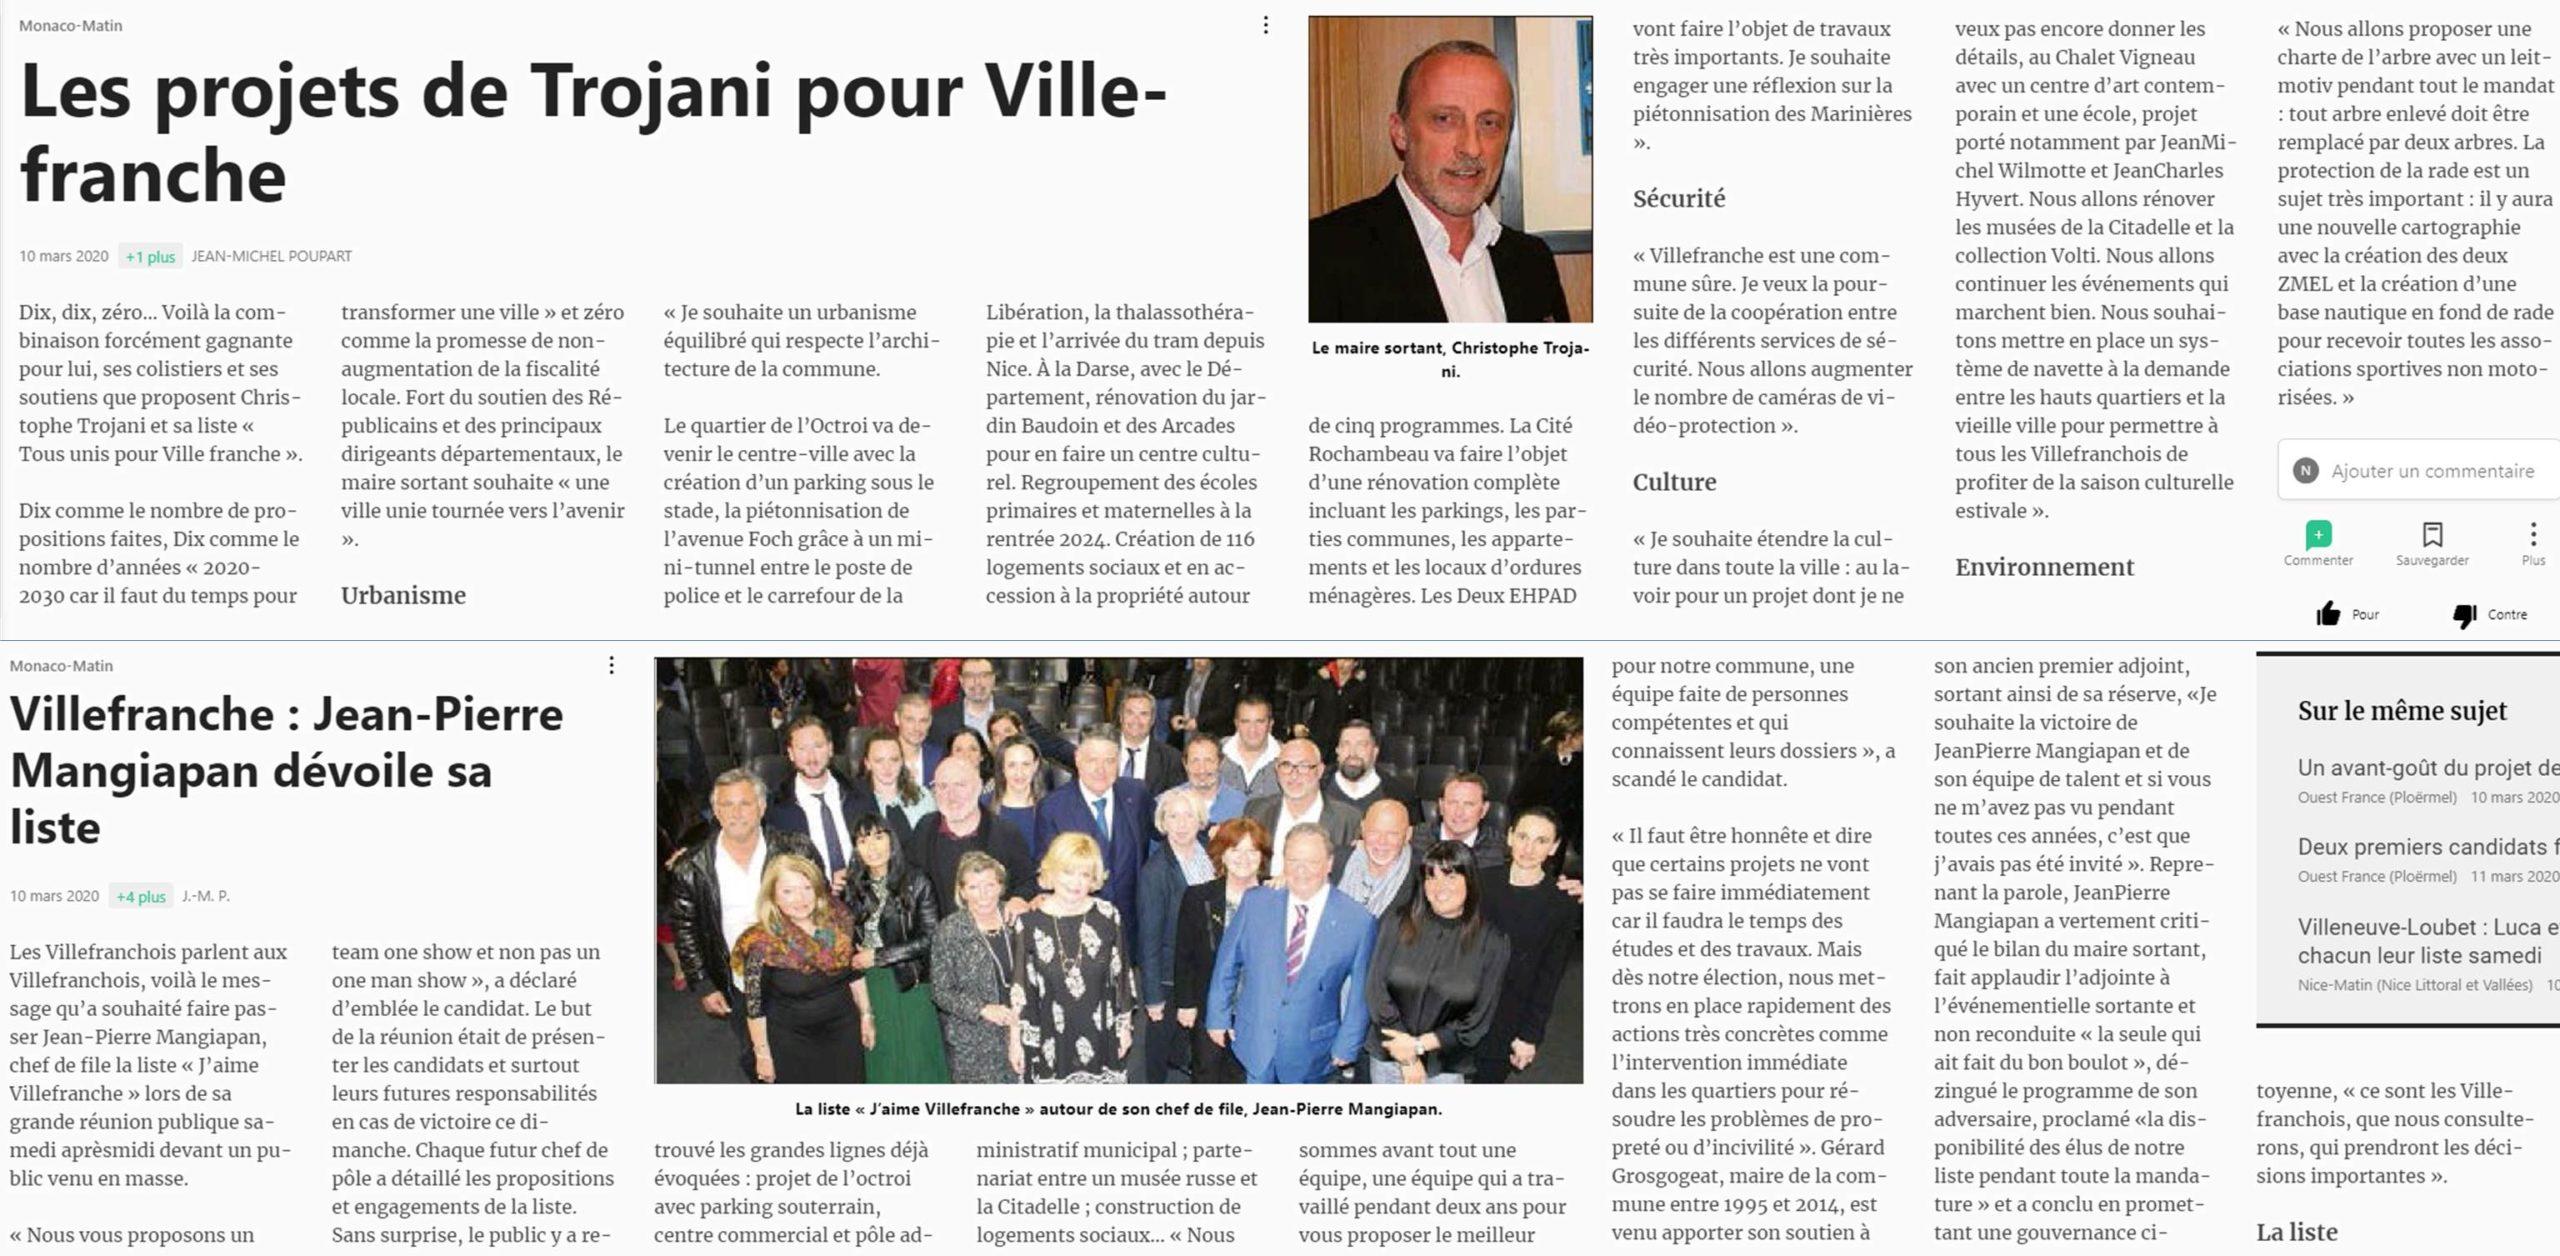 Article paru dans Nice Matin le 10 mars 2020